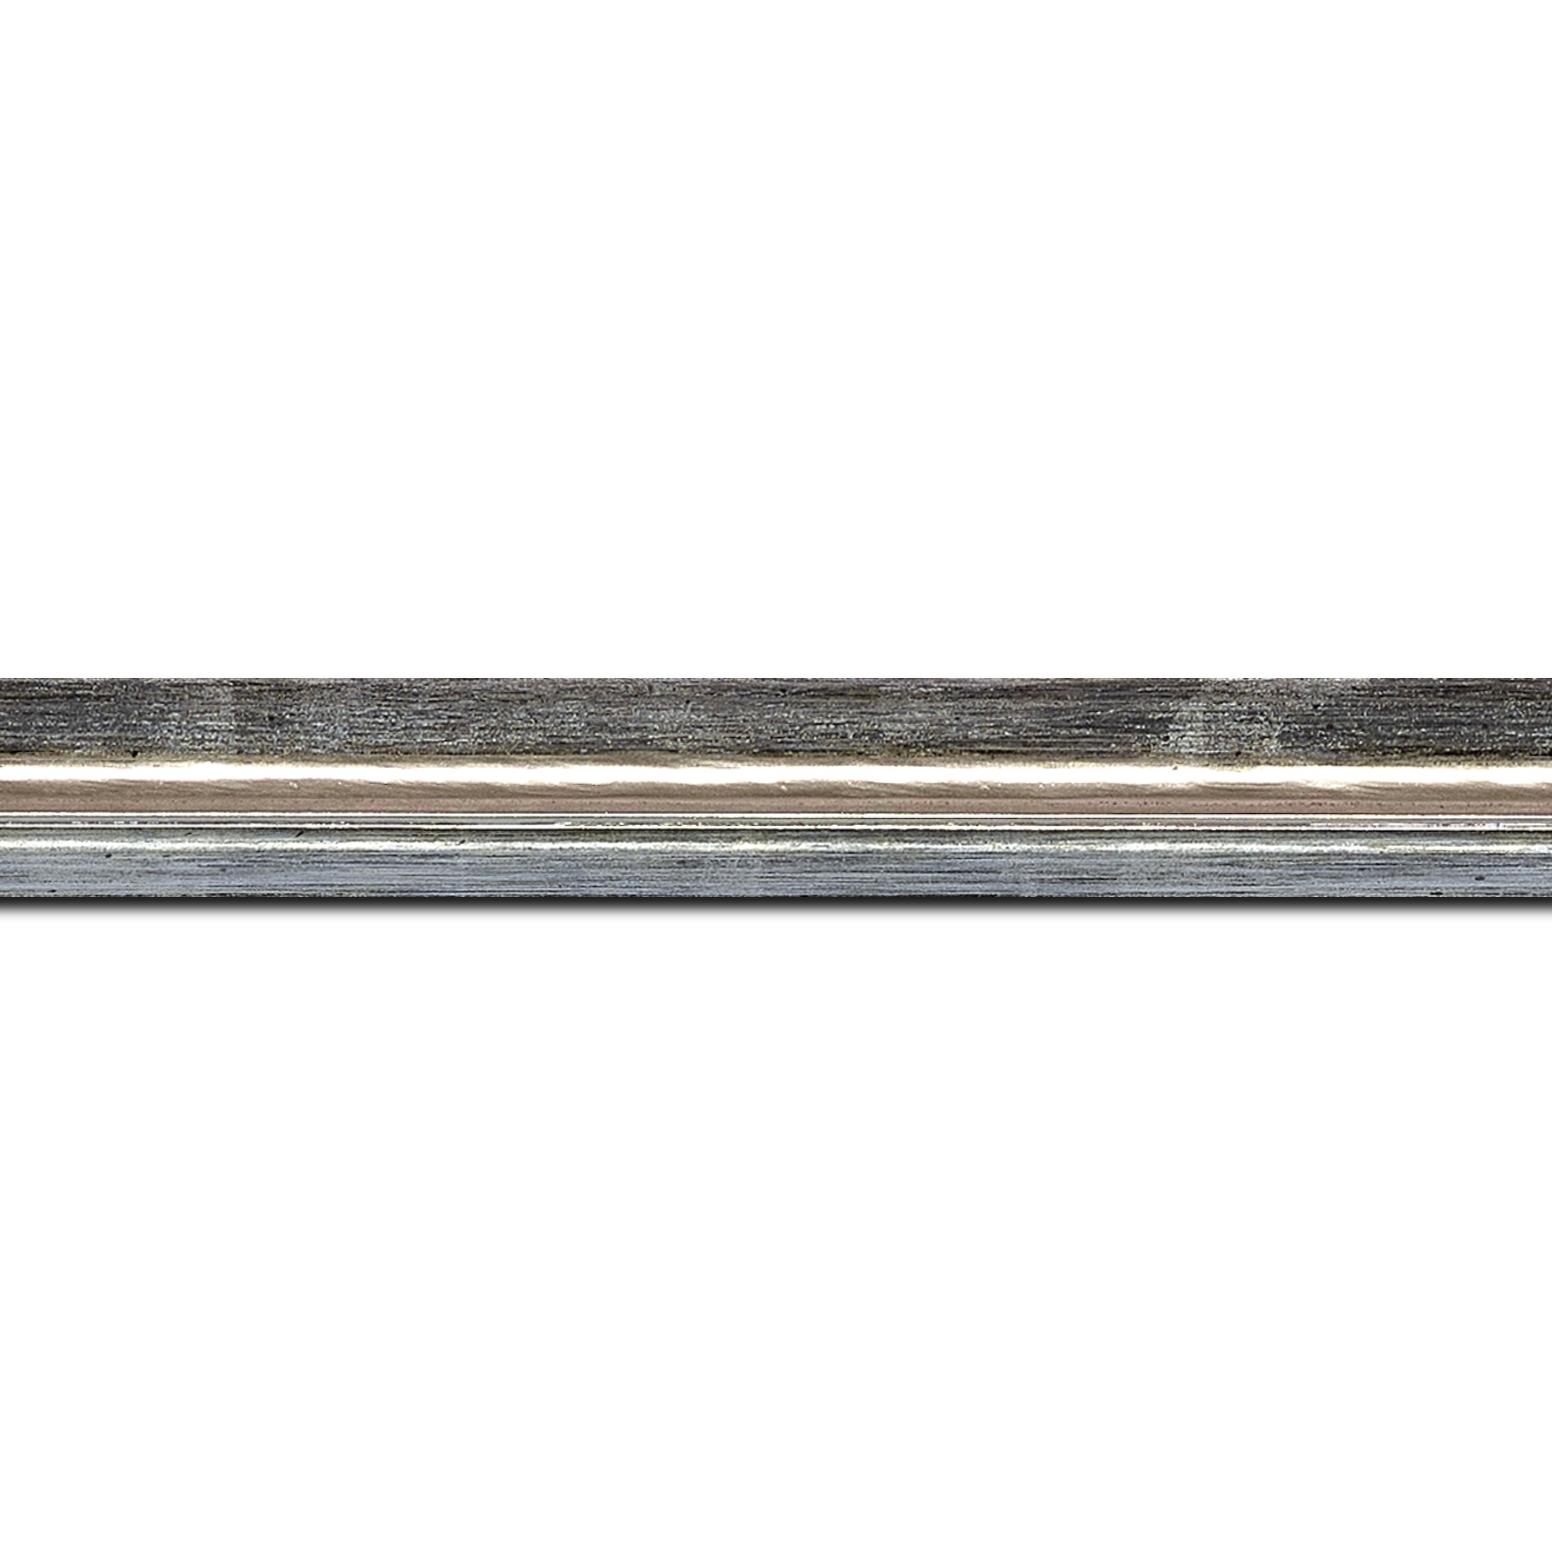 Pack par 12m, bois profil incurvé largeur 2cm couleur argent coté extérieur foncé. finition haut de gamme car dorure à l'eau fait main (longueur baguette pouvant varier entre 2.40m et 3m selon arrivage des bois)